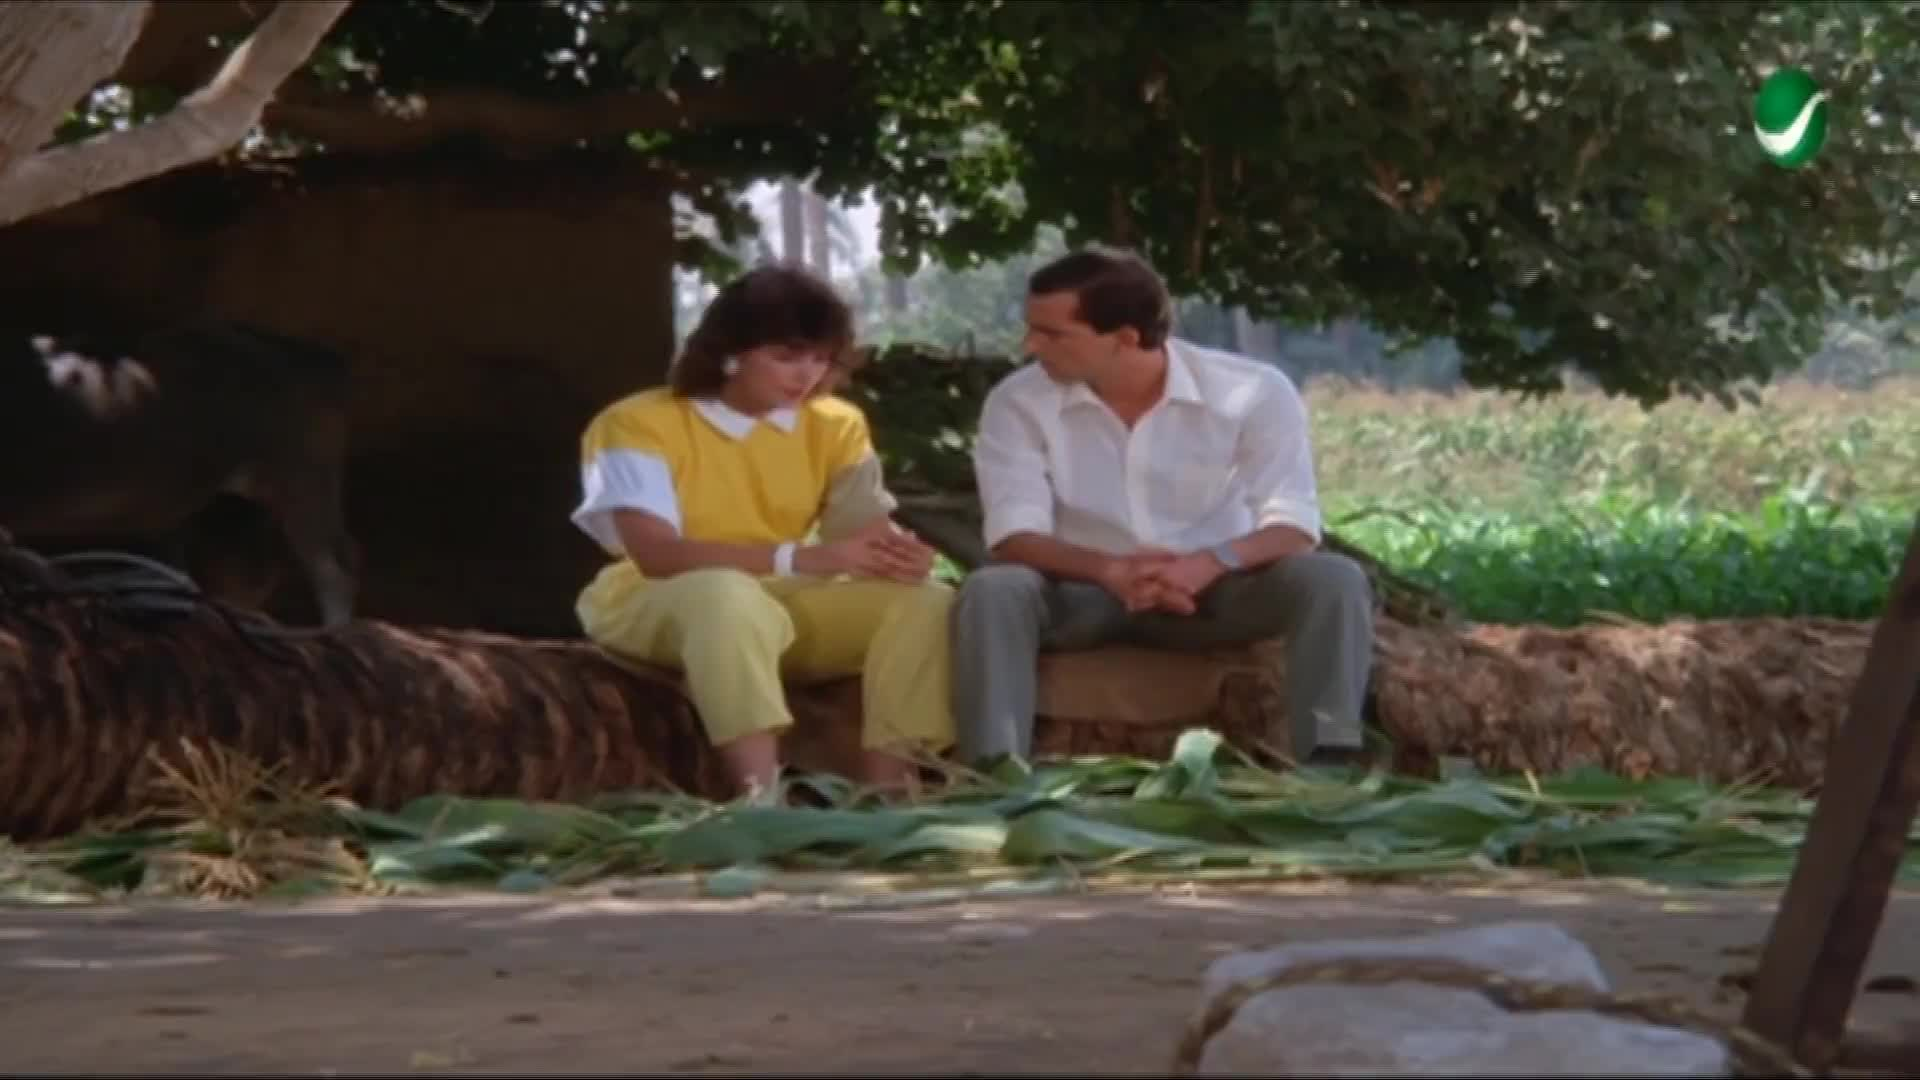 [فيلم][تورنت][تحميل][الجبلاوي][1991][1080p][Web-DL] 15 arabp2p.com